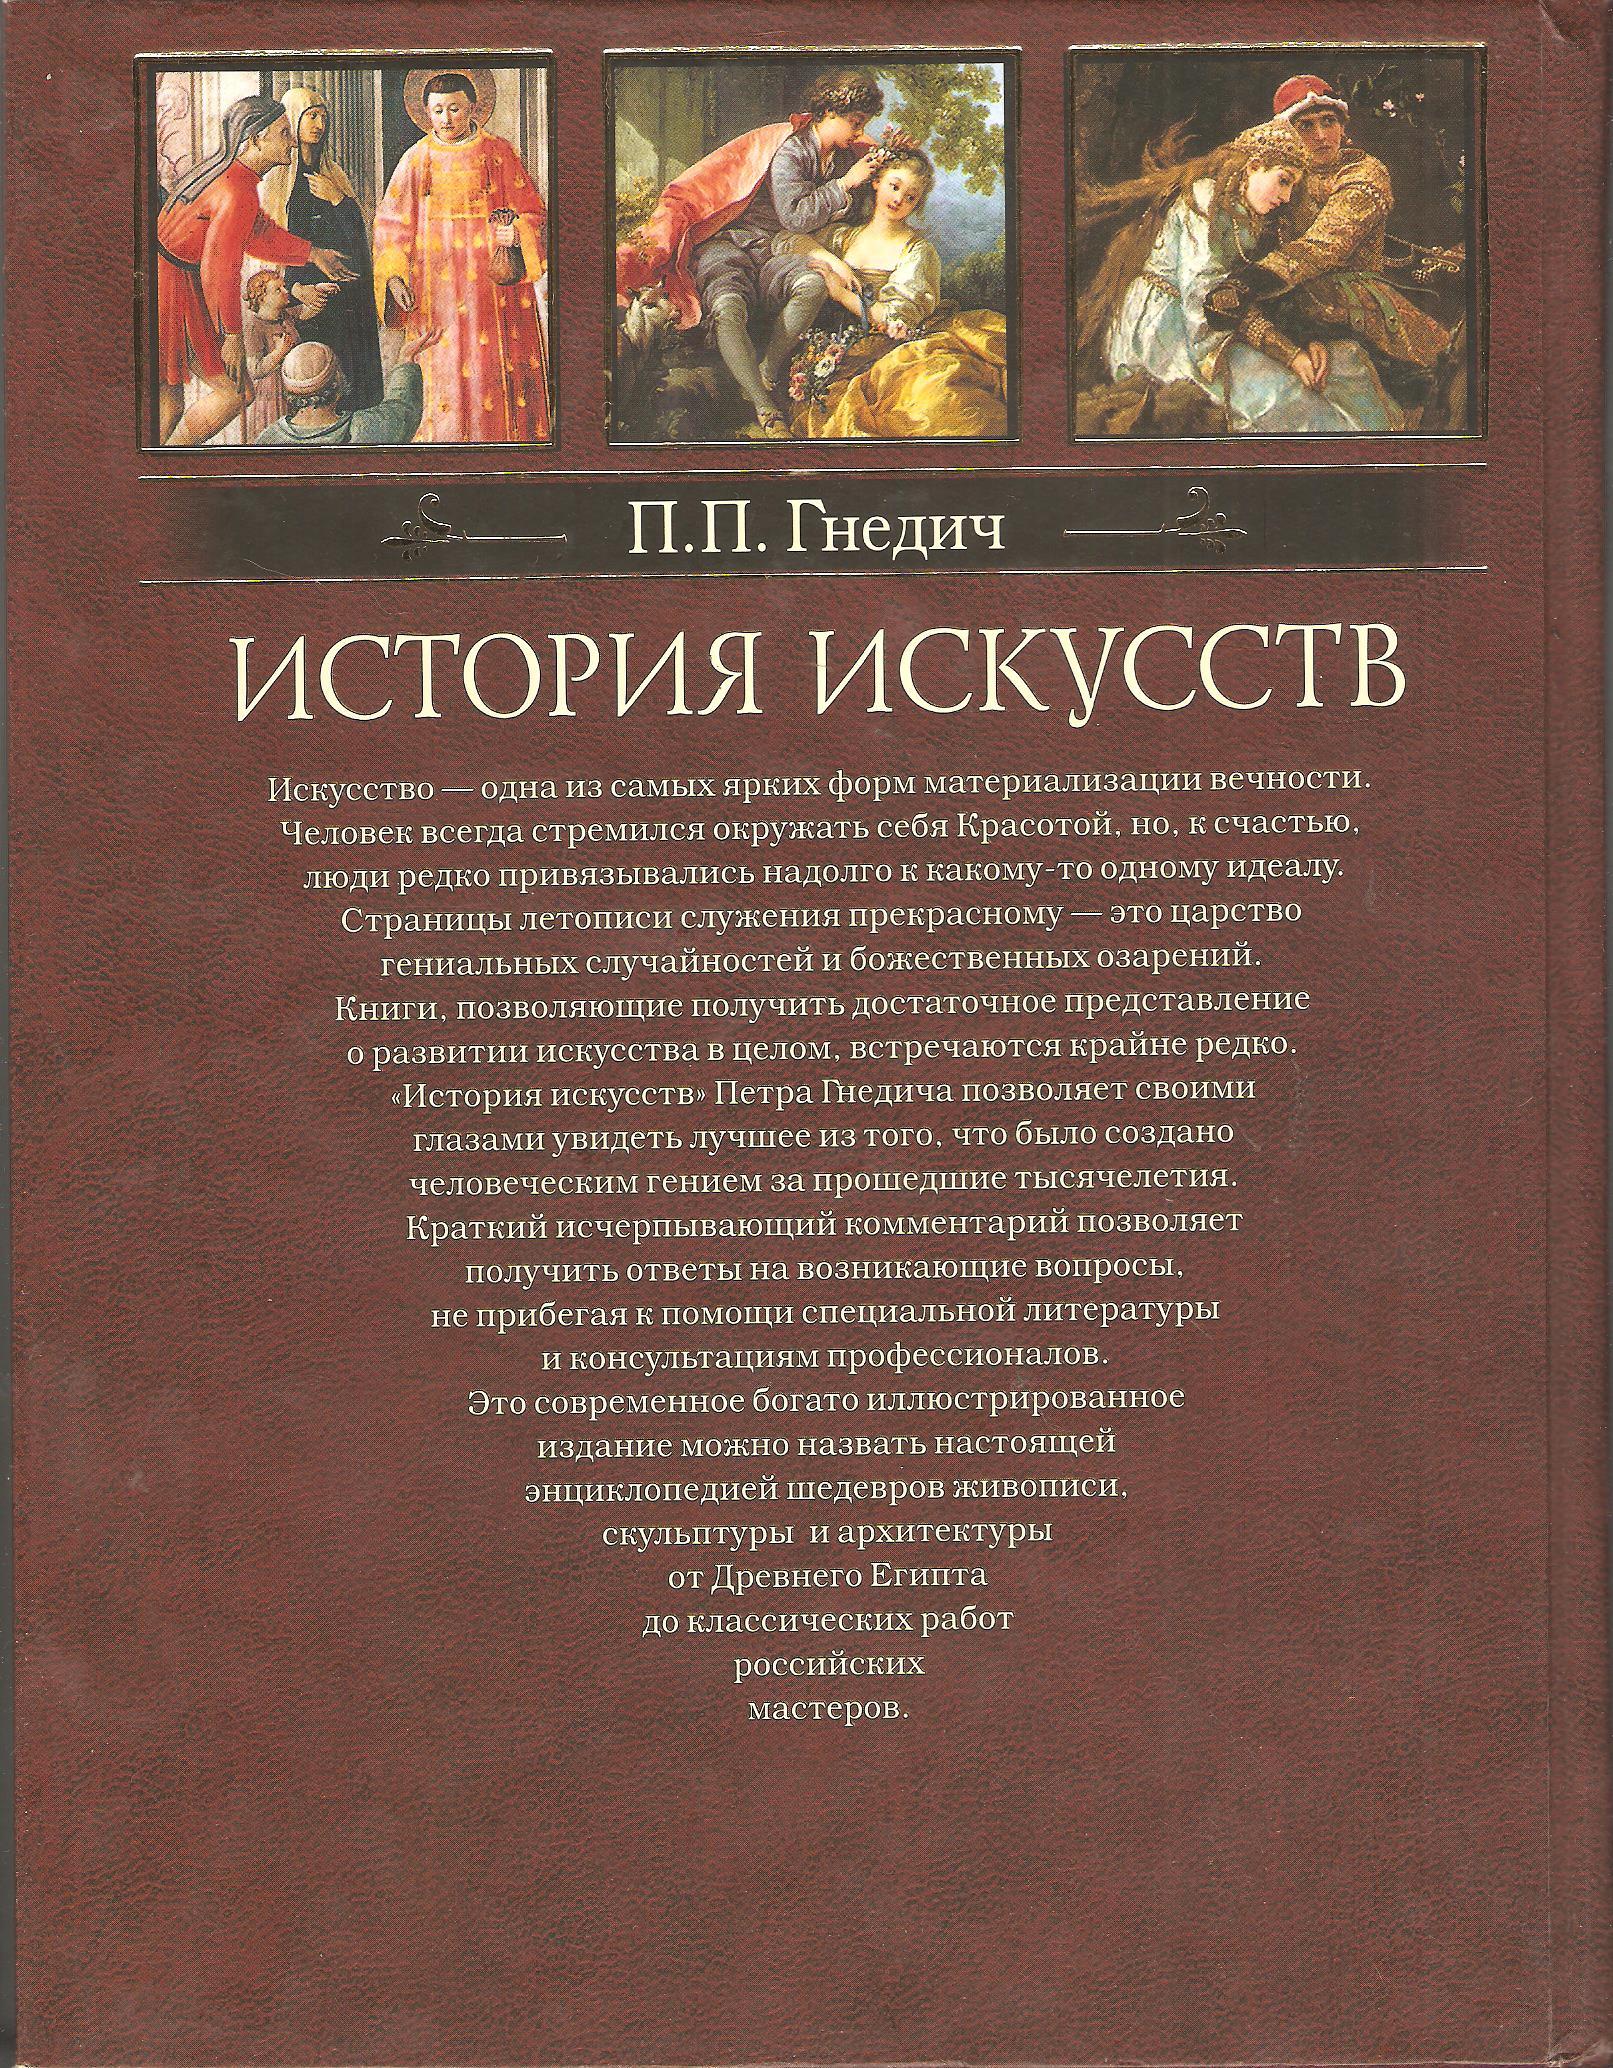 П. Гнедич. История искусств 002.jpg